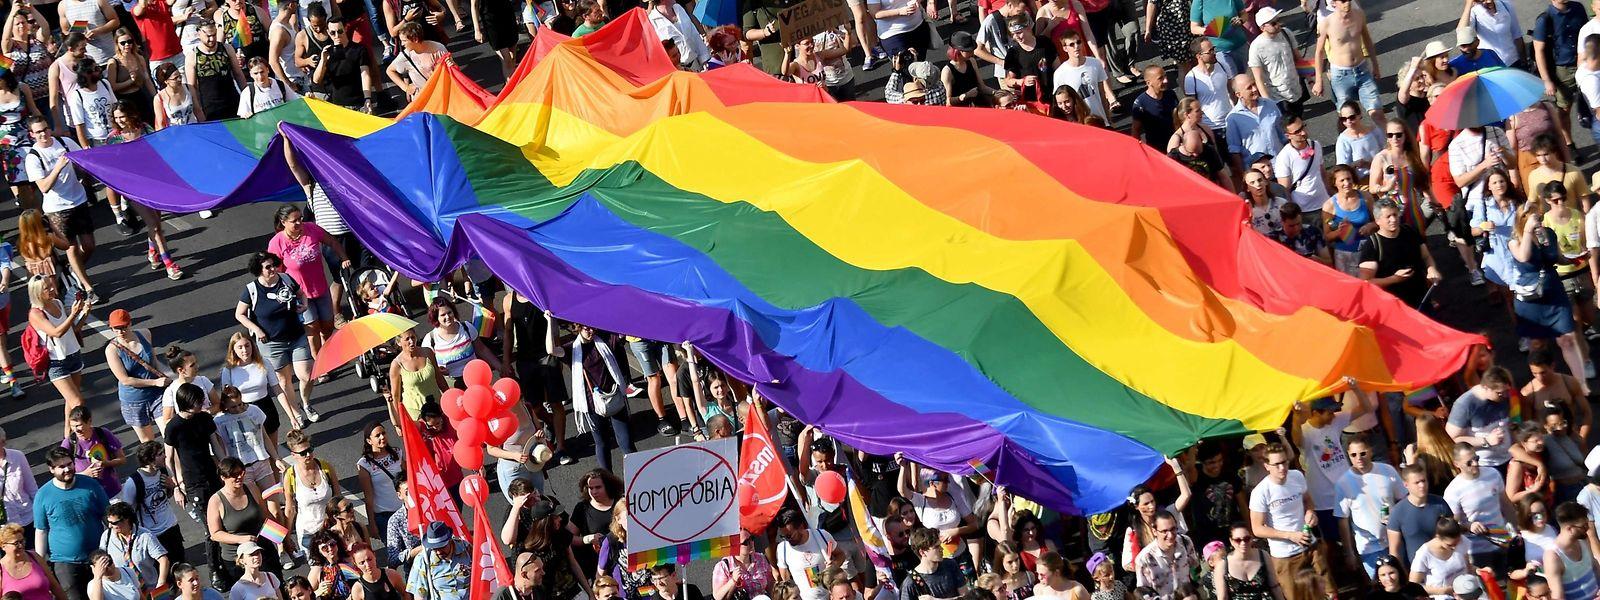 Das ungarische Gesetz, das die angebliche Werbung für Homosexualität verbietet, löste in Europa große Empörung aus.